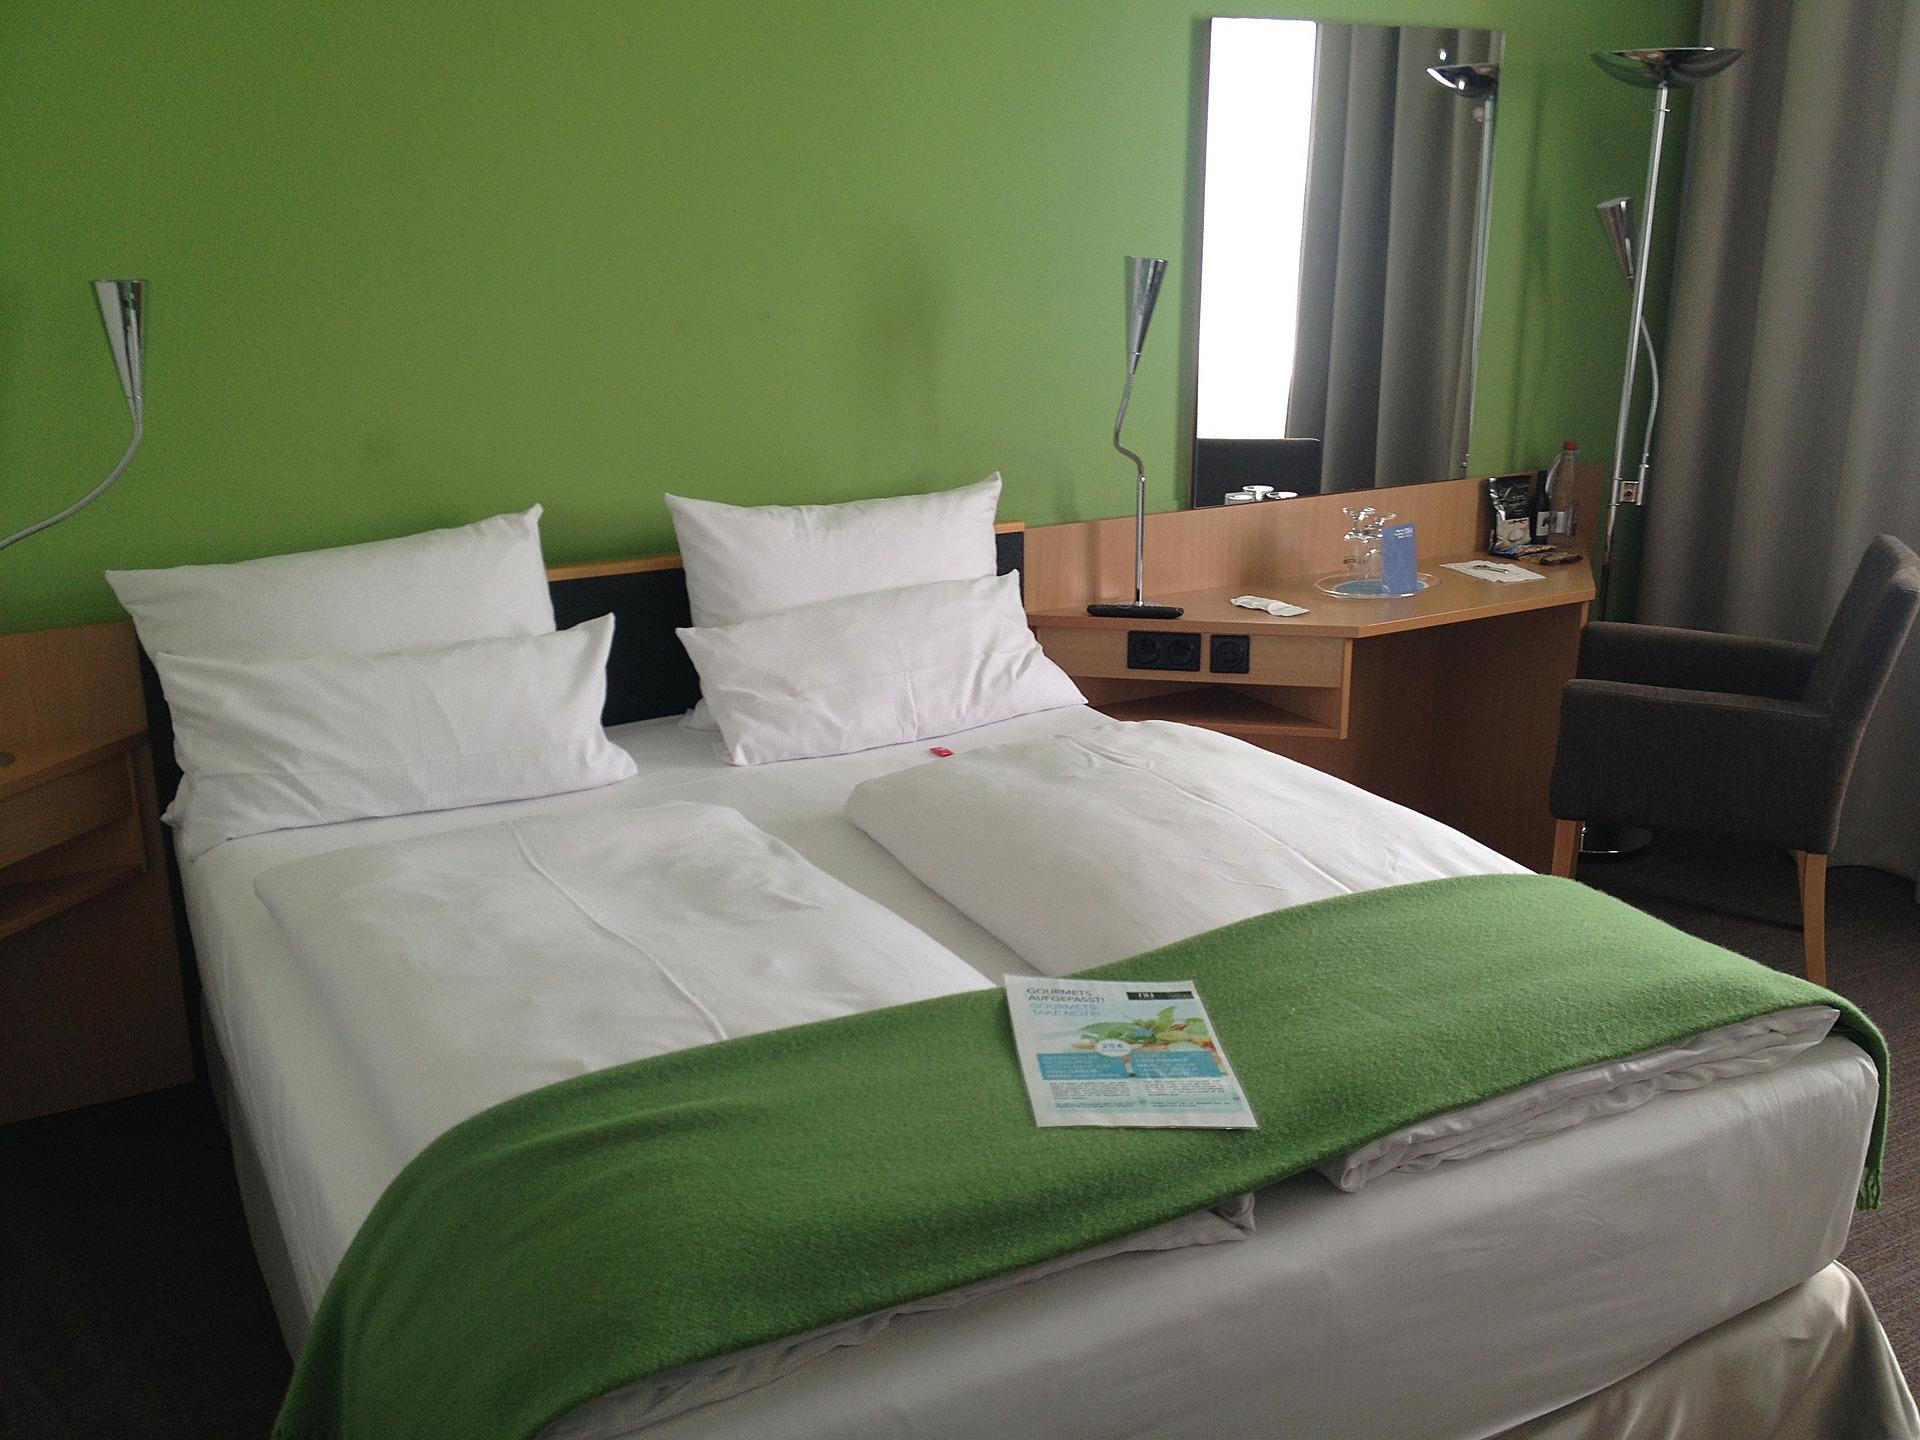 les conseils pour avoir un lit aussi confortable qu 39 l 39 h tel. Black Bedroom Furniture Sets. Home Design Ideas